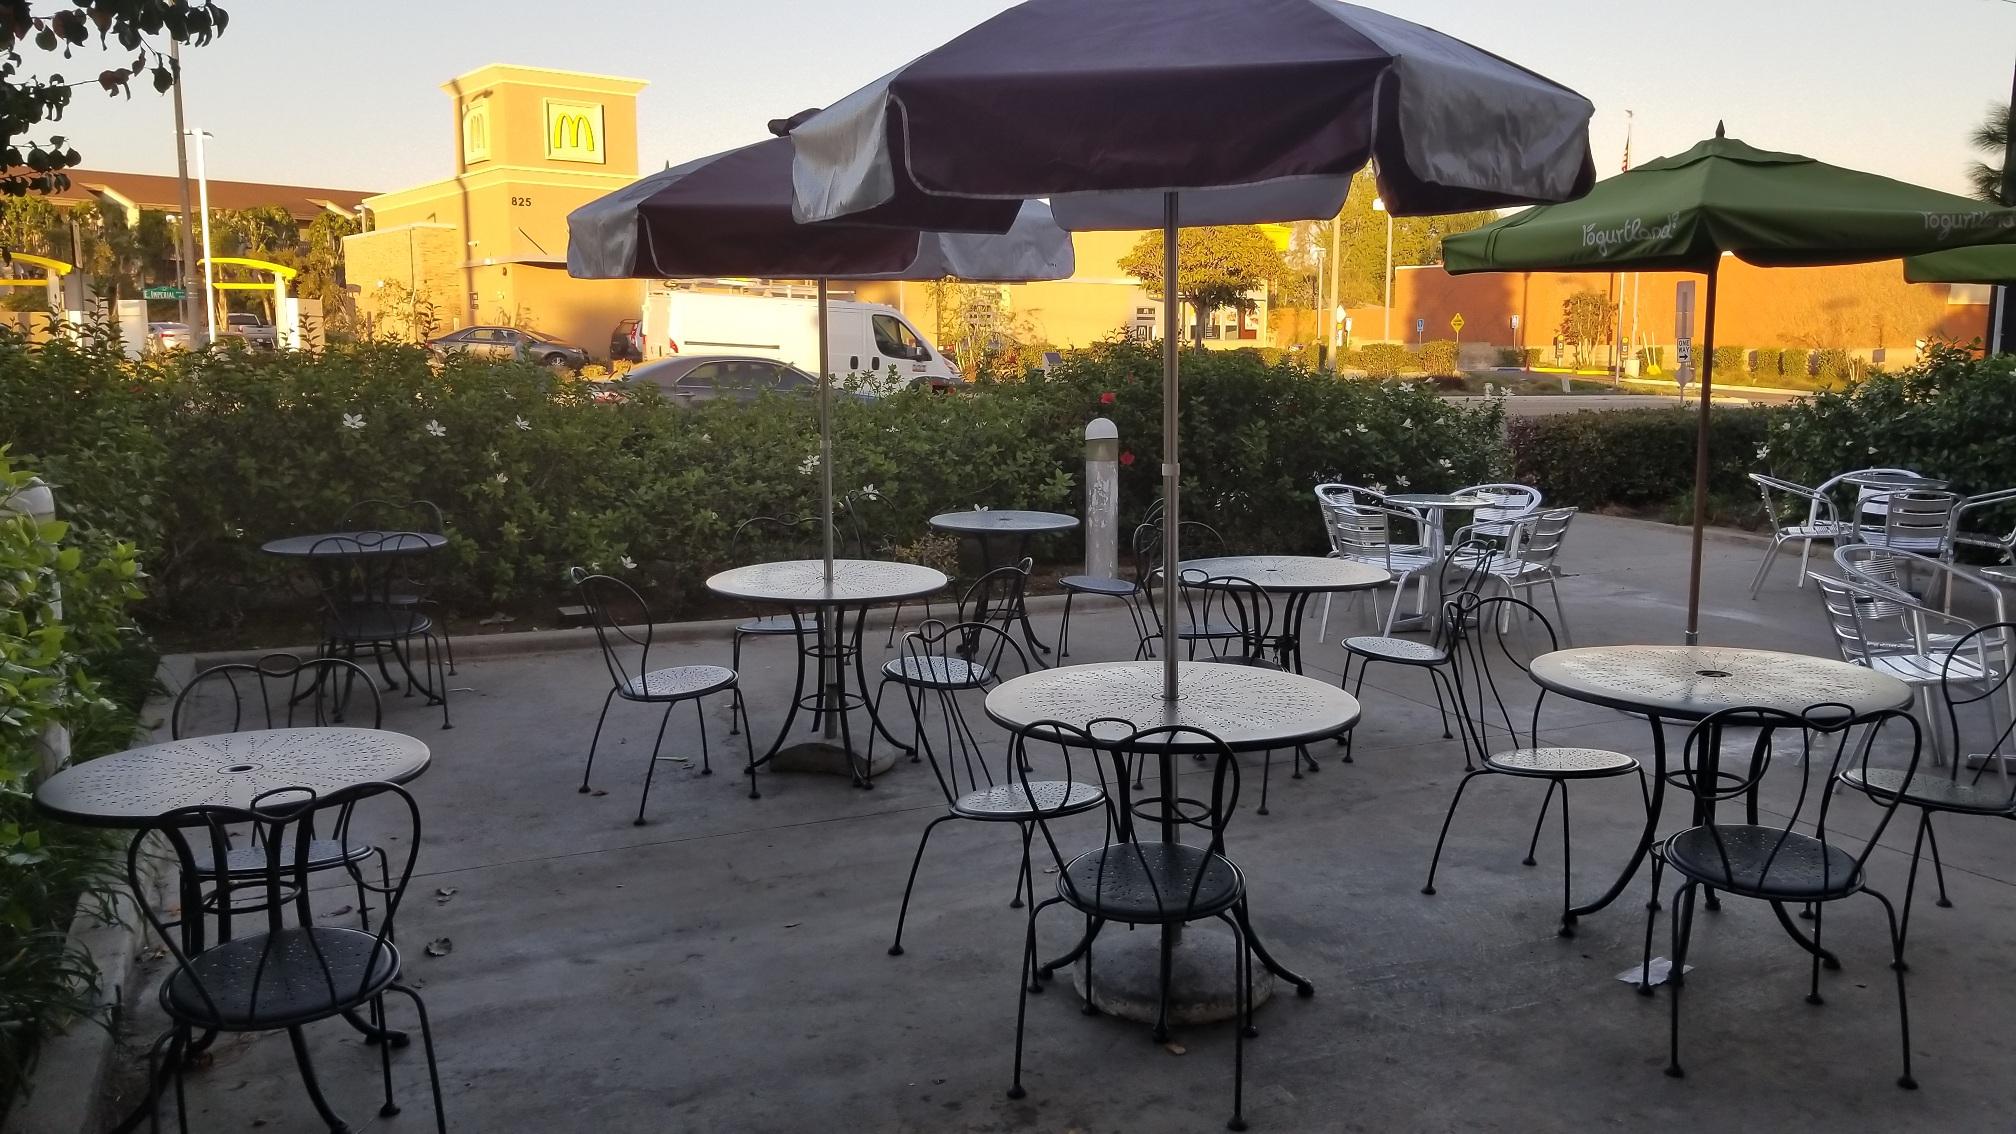 El Durango Grill image 5